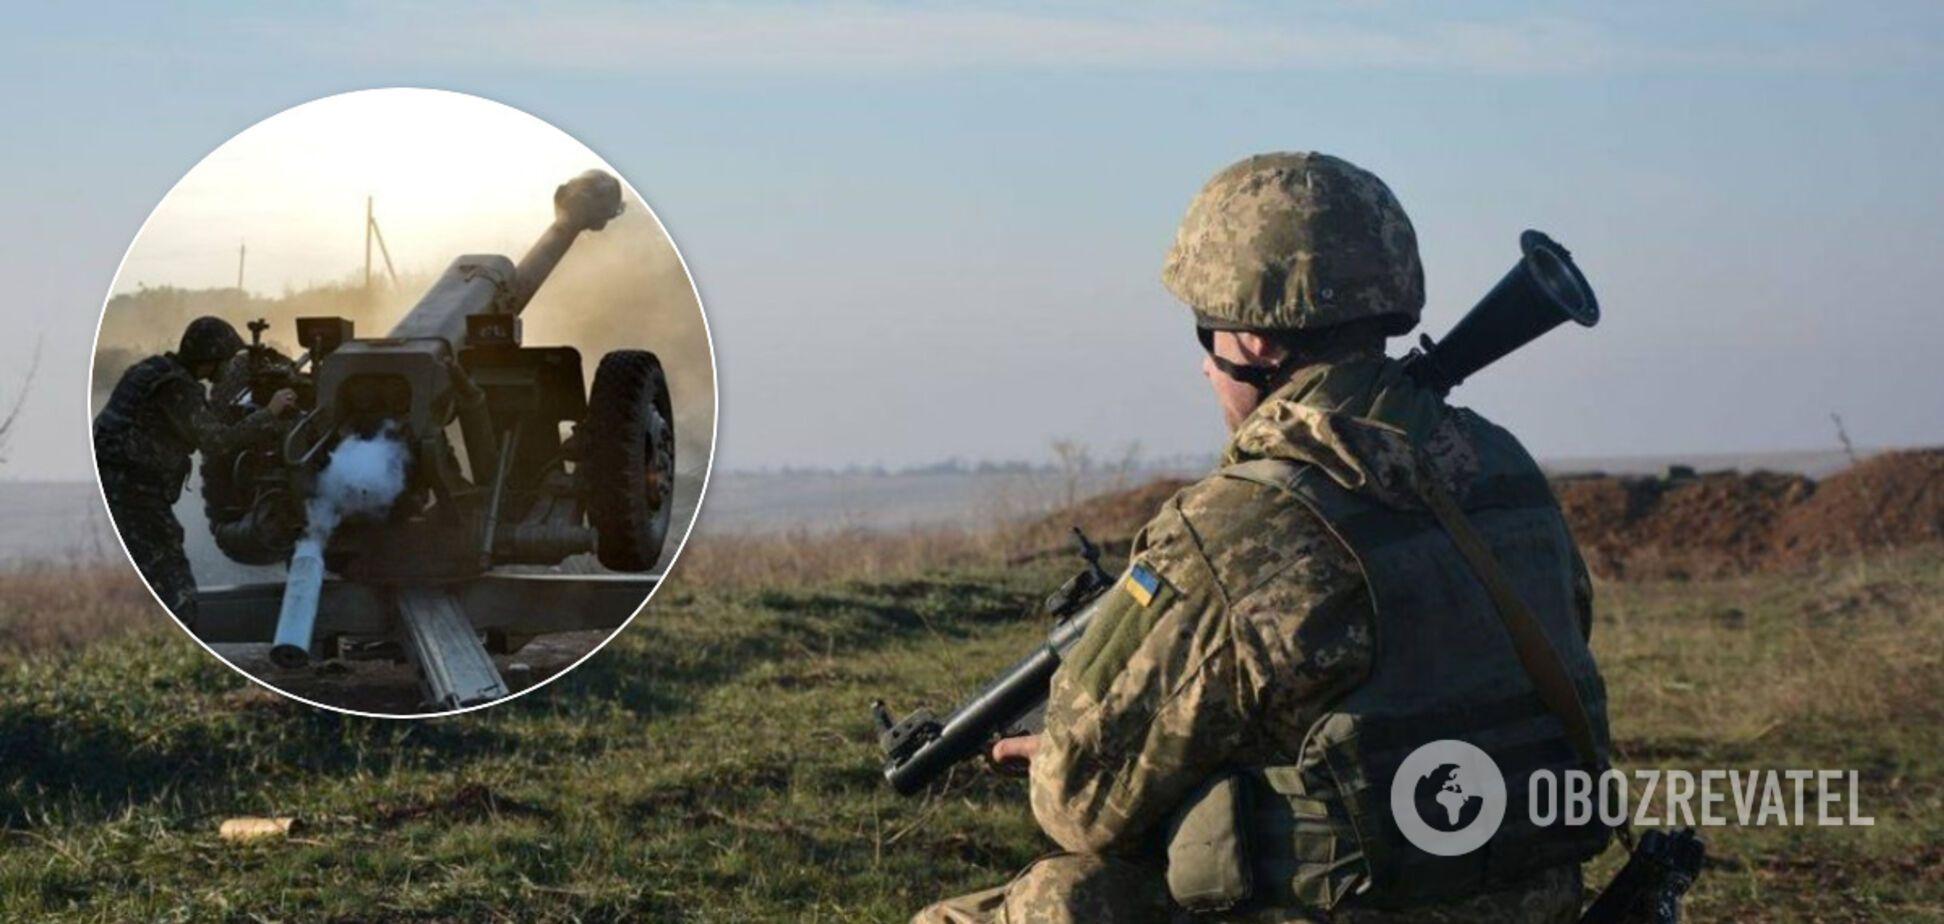 На Донбасі розв'язалися криваві бої: ЗСУ зазнали втрат і жорстко помстилися терористам